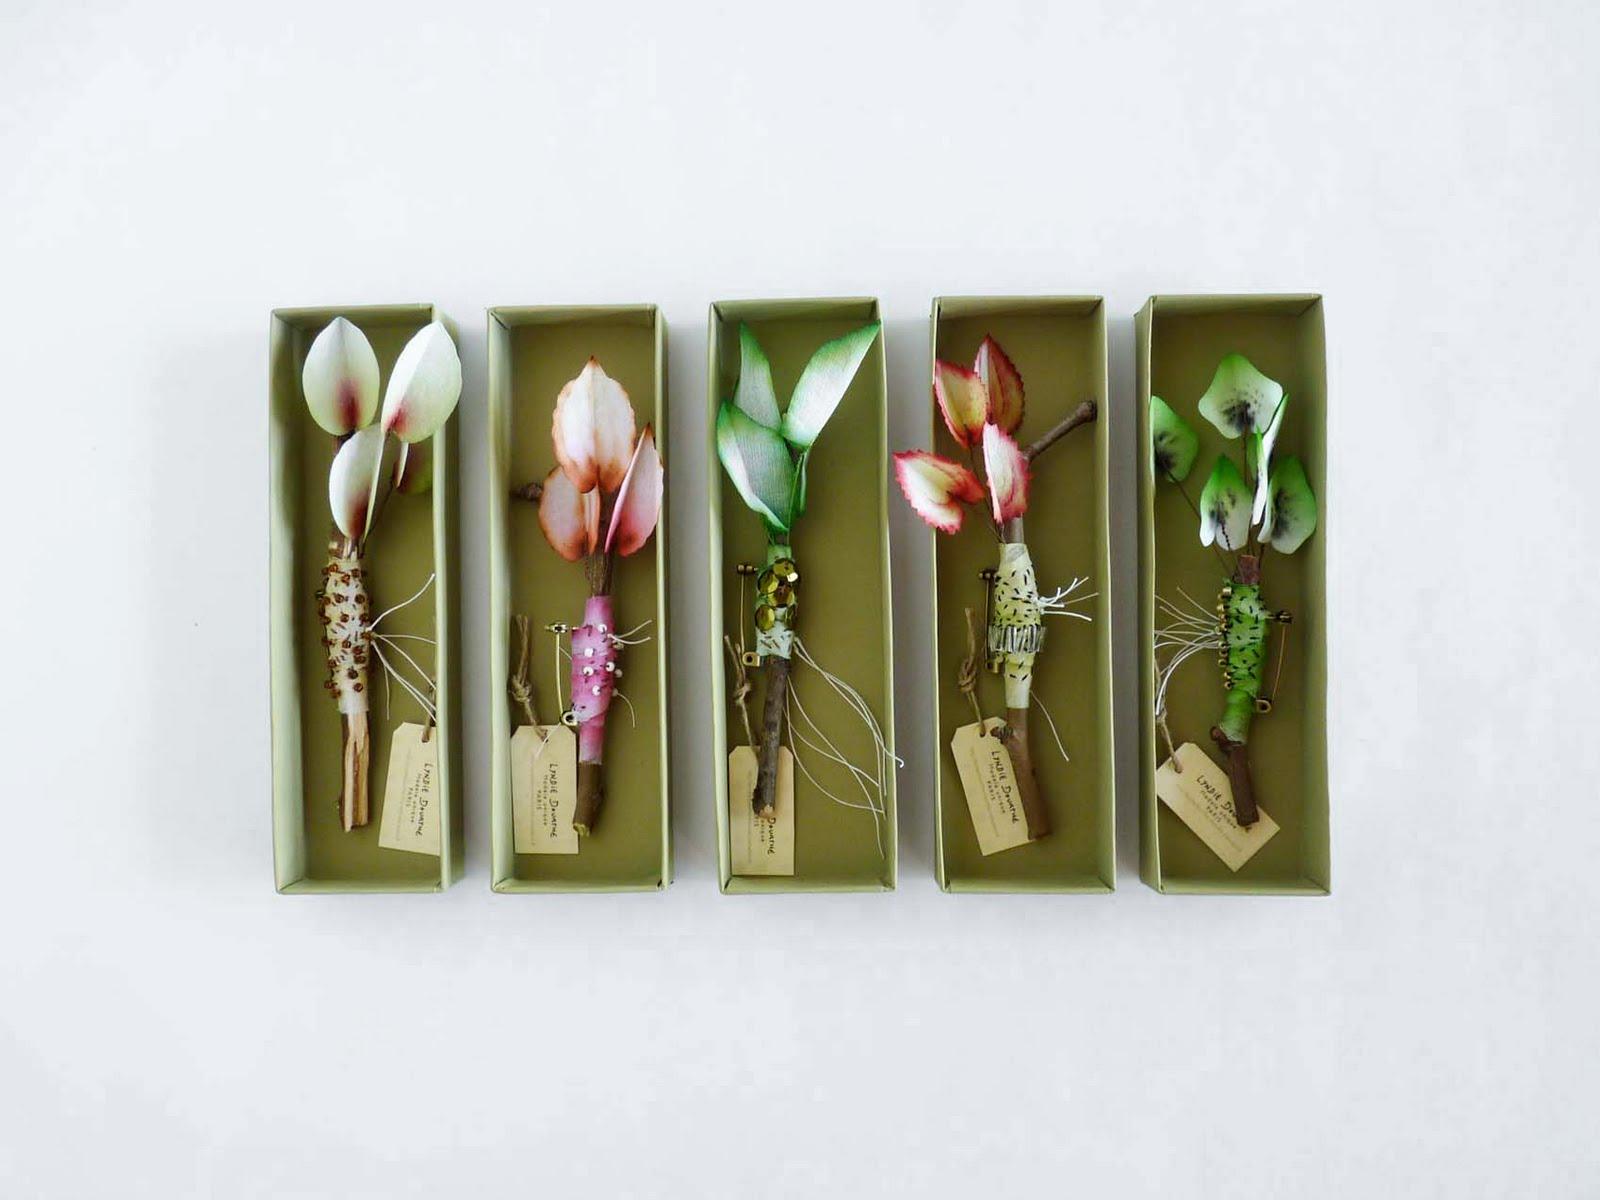 lyndie dourthe livraison de fleurs. Black Bedroom Furniture Sets. Home Design Ideas